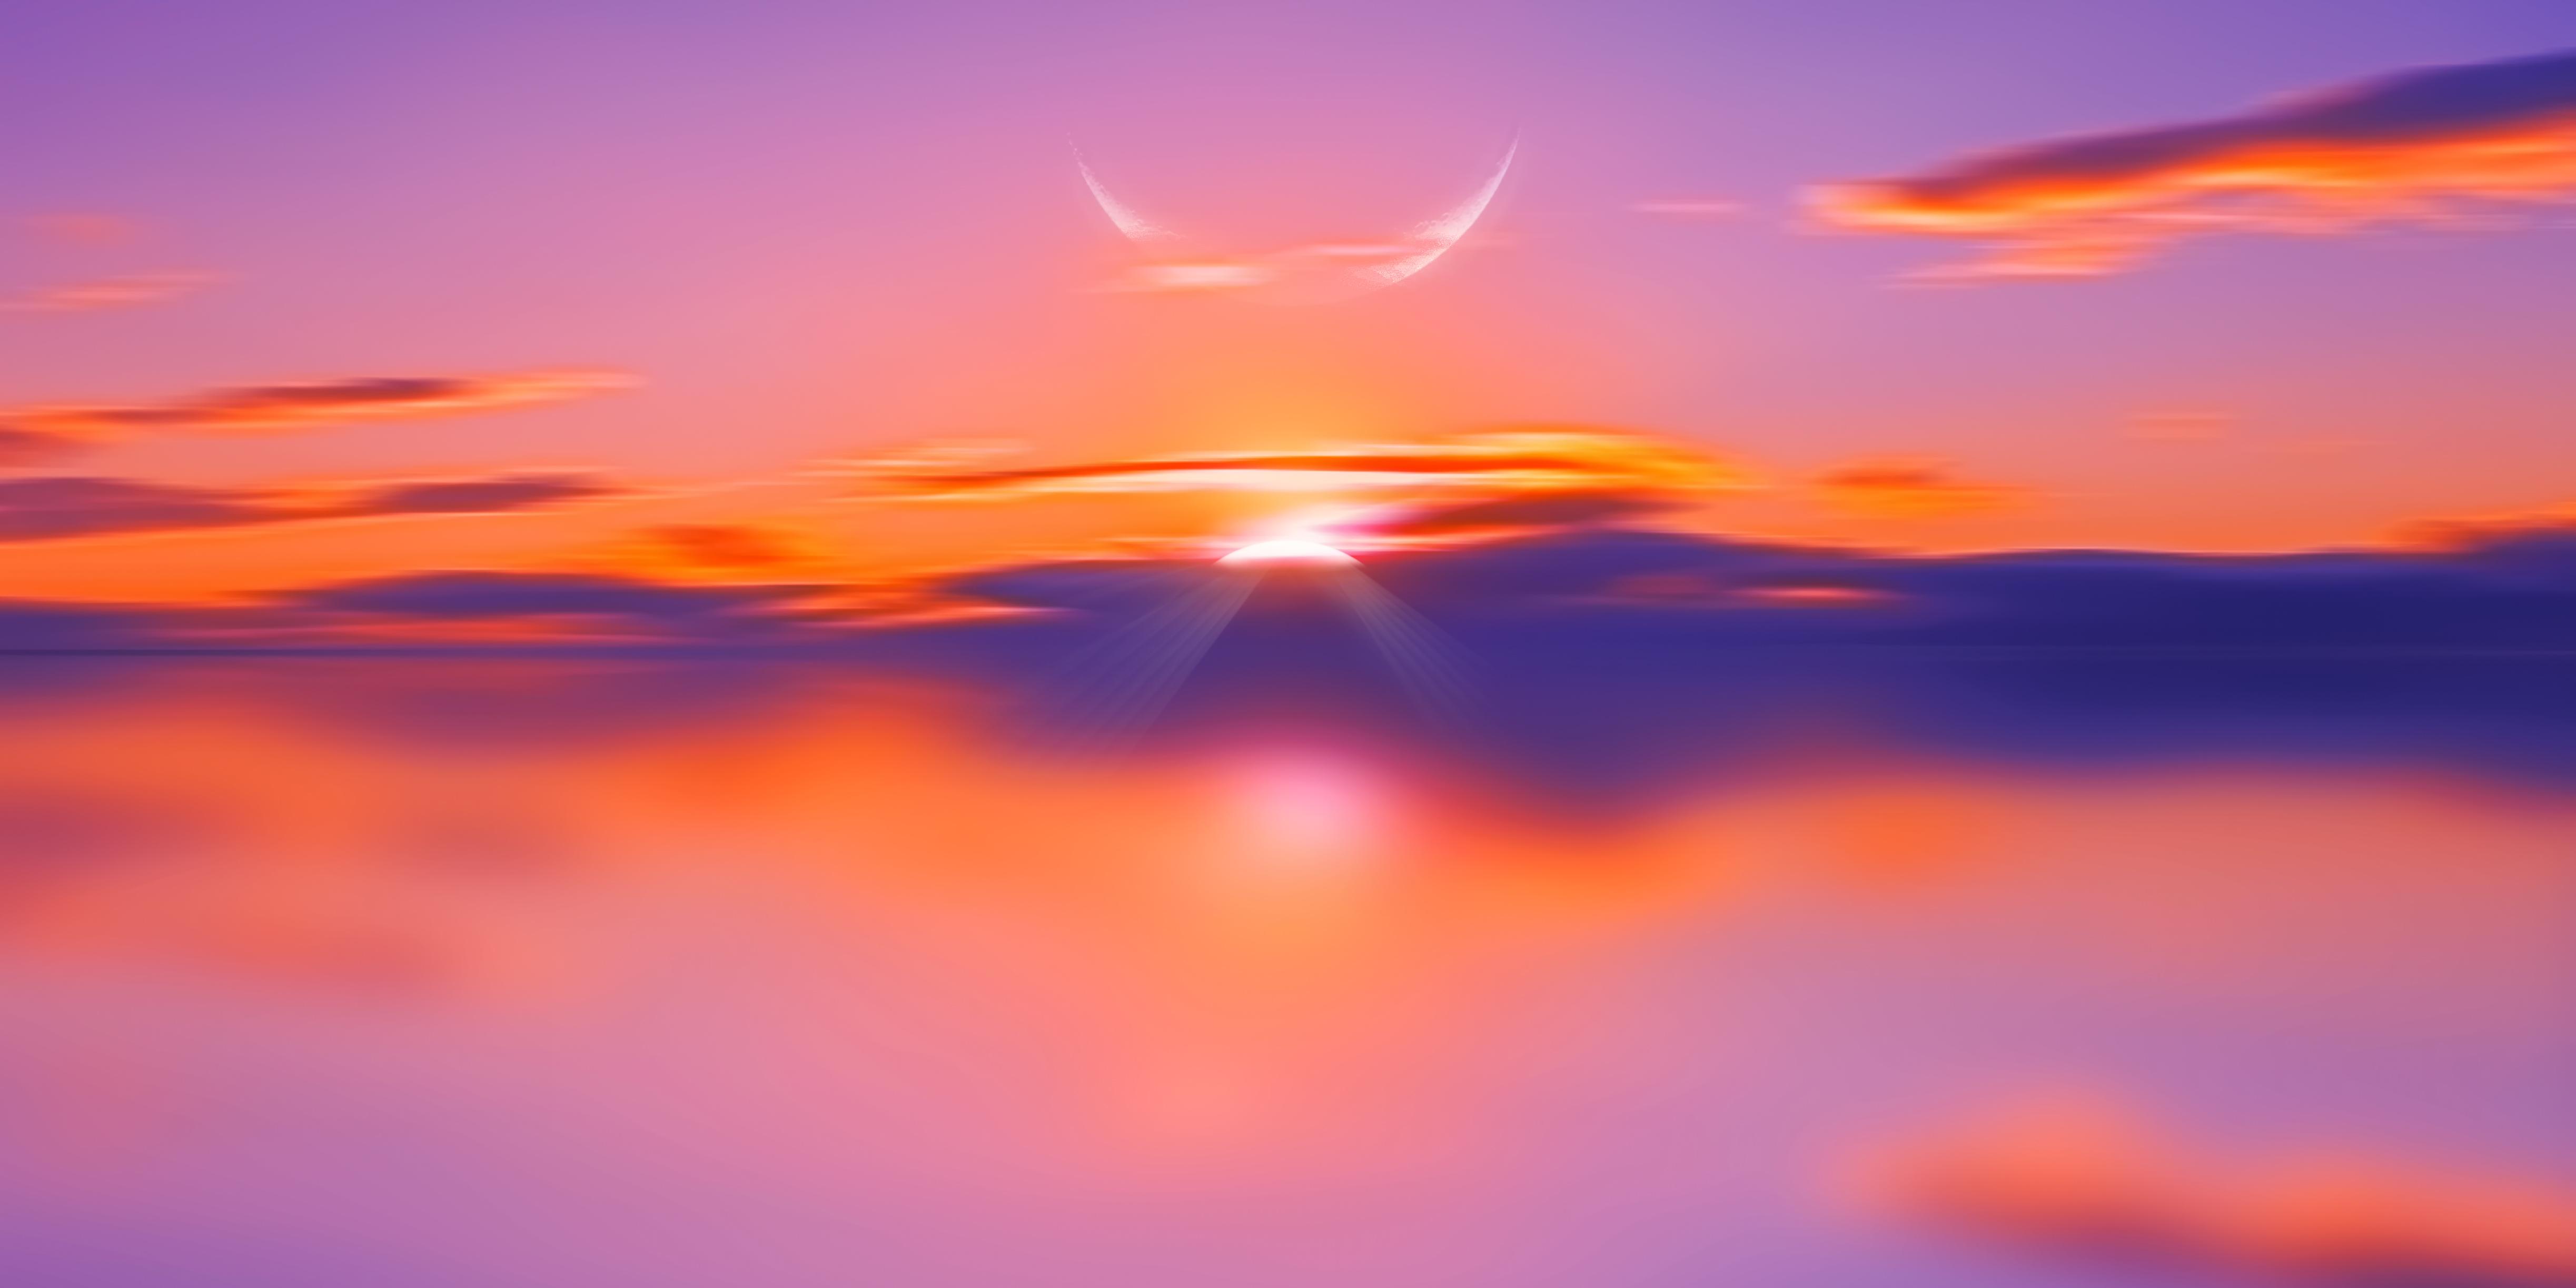 soft sun rise